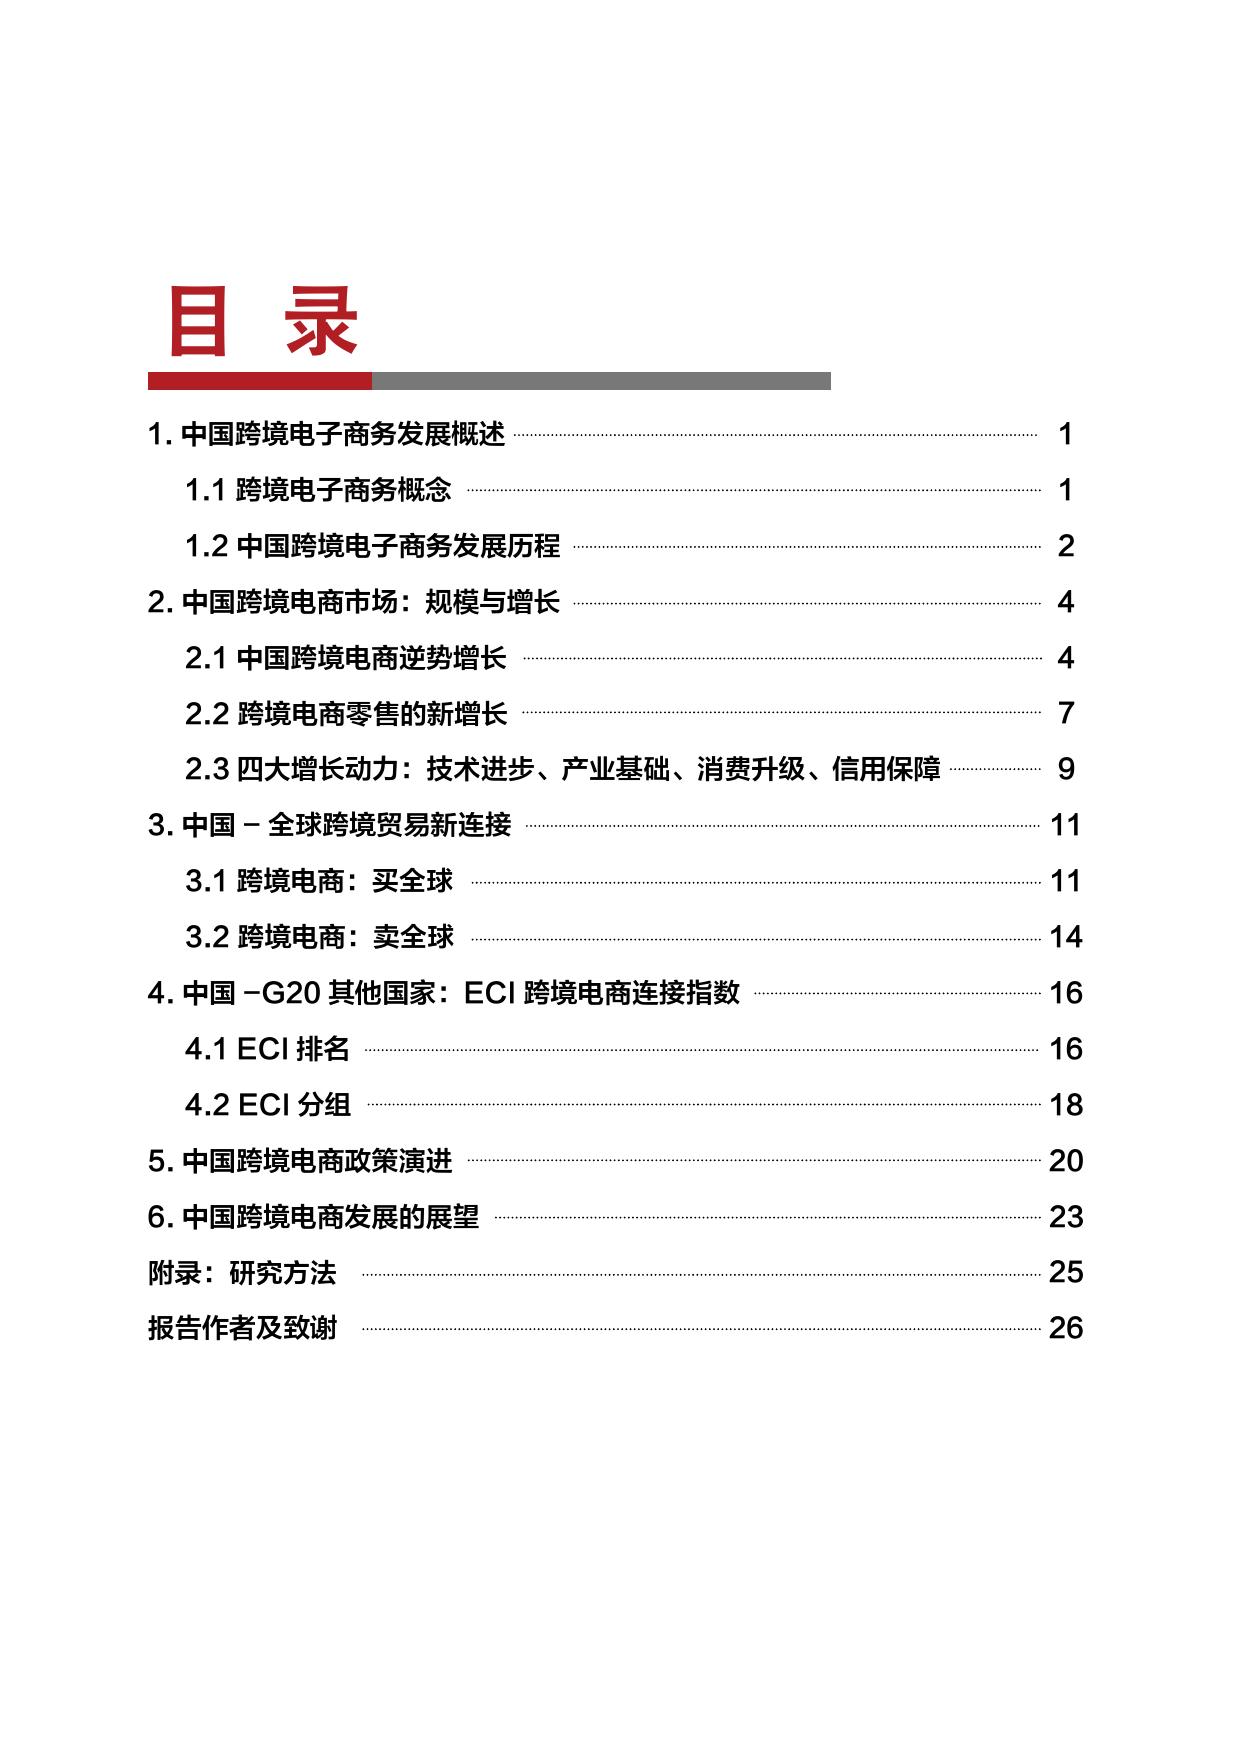 2016中国跨境电商发展报告_000003